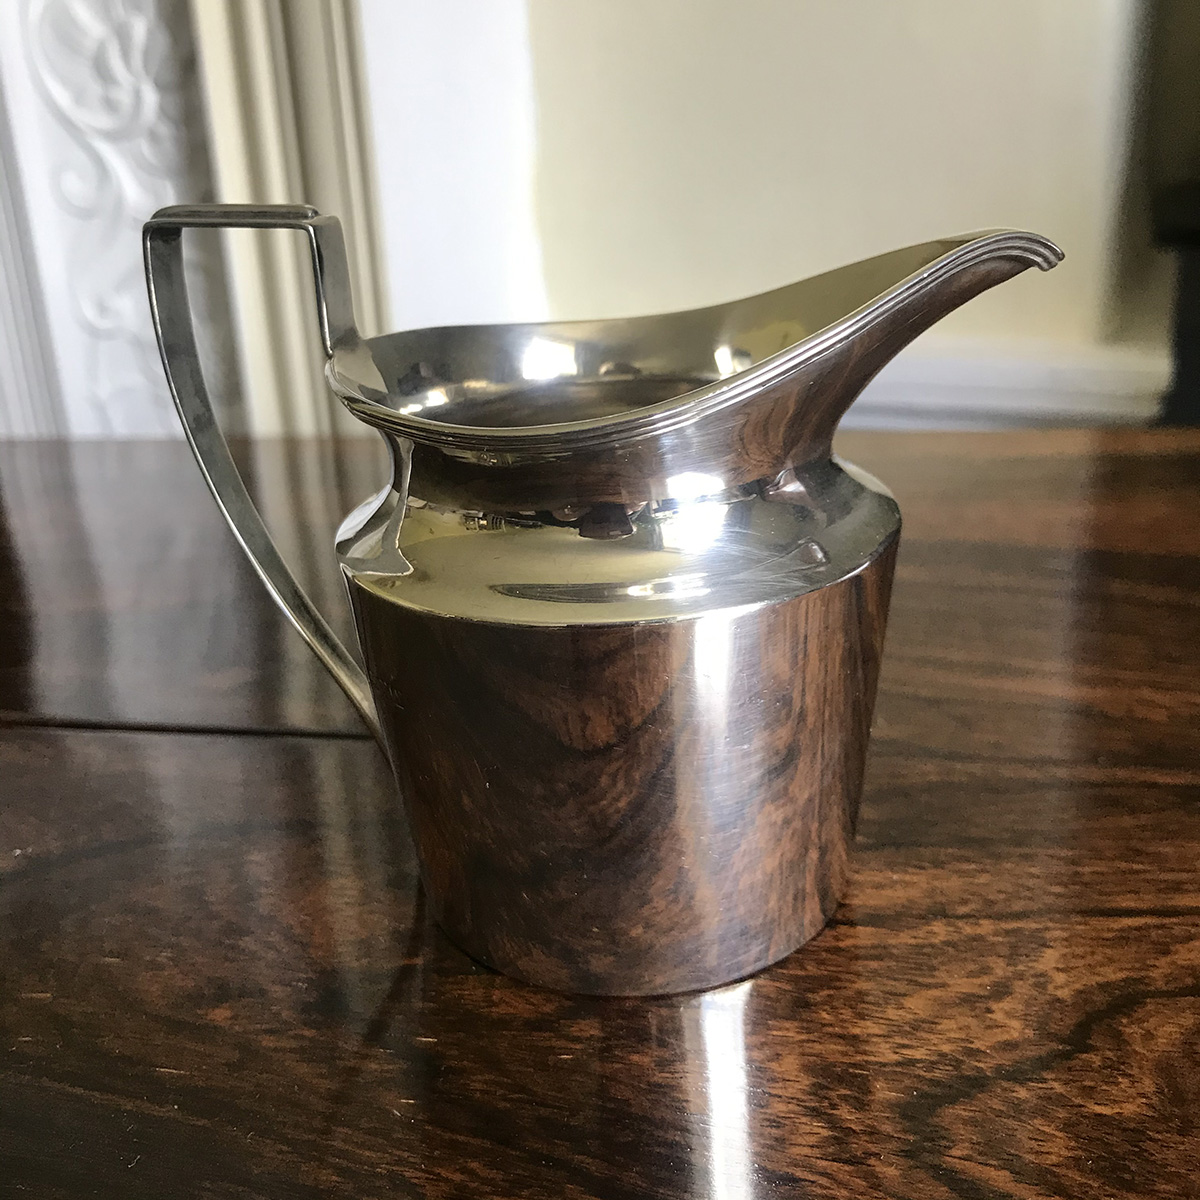 Solid Silver Cream Jug - Chester 1913